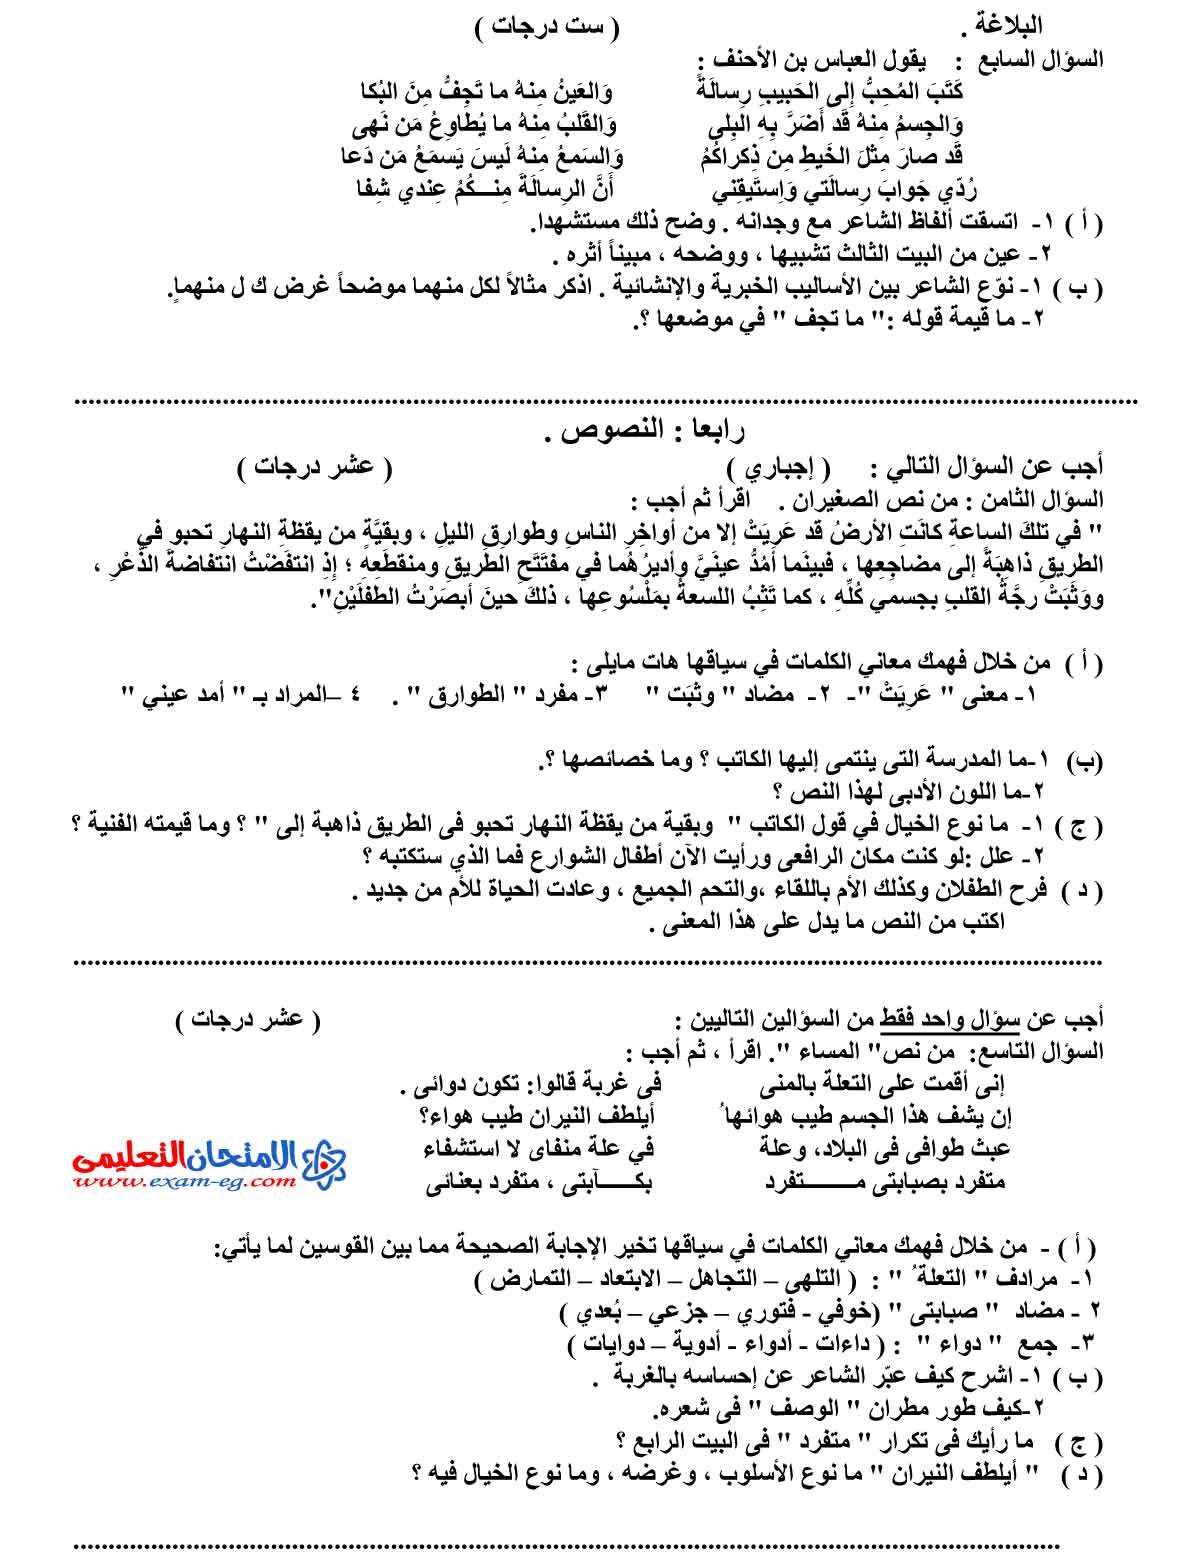 امتحان اللغة العربية 4 - مدرسة اون لاين (3)